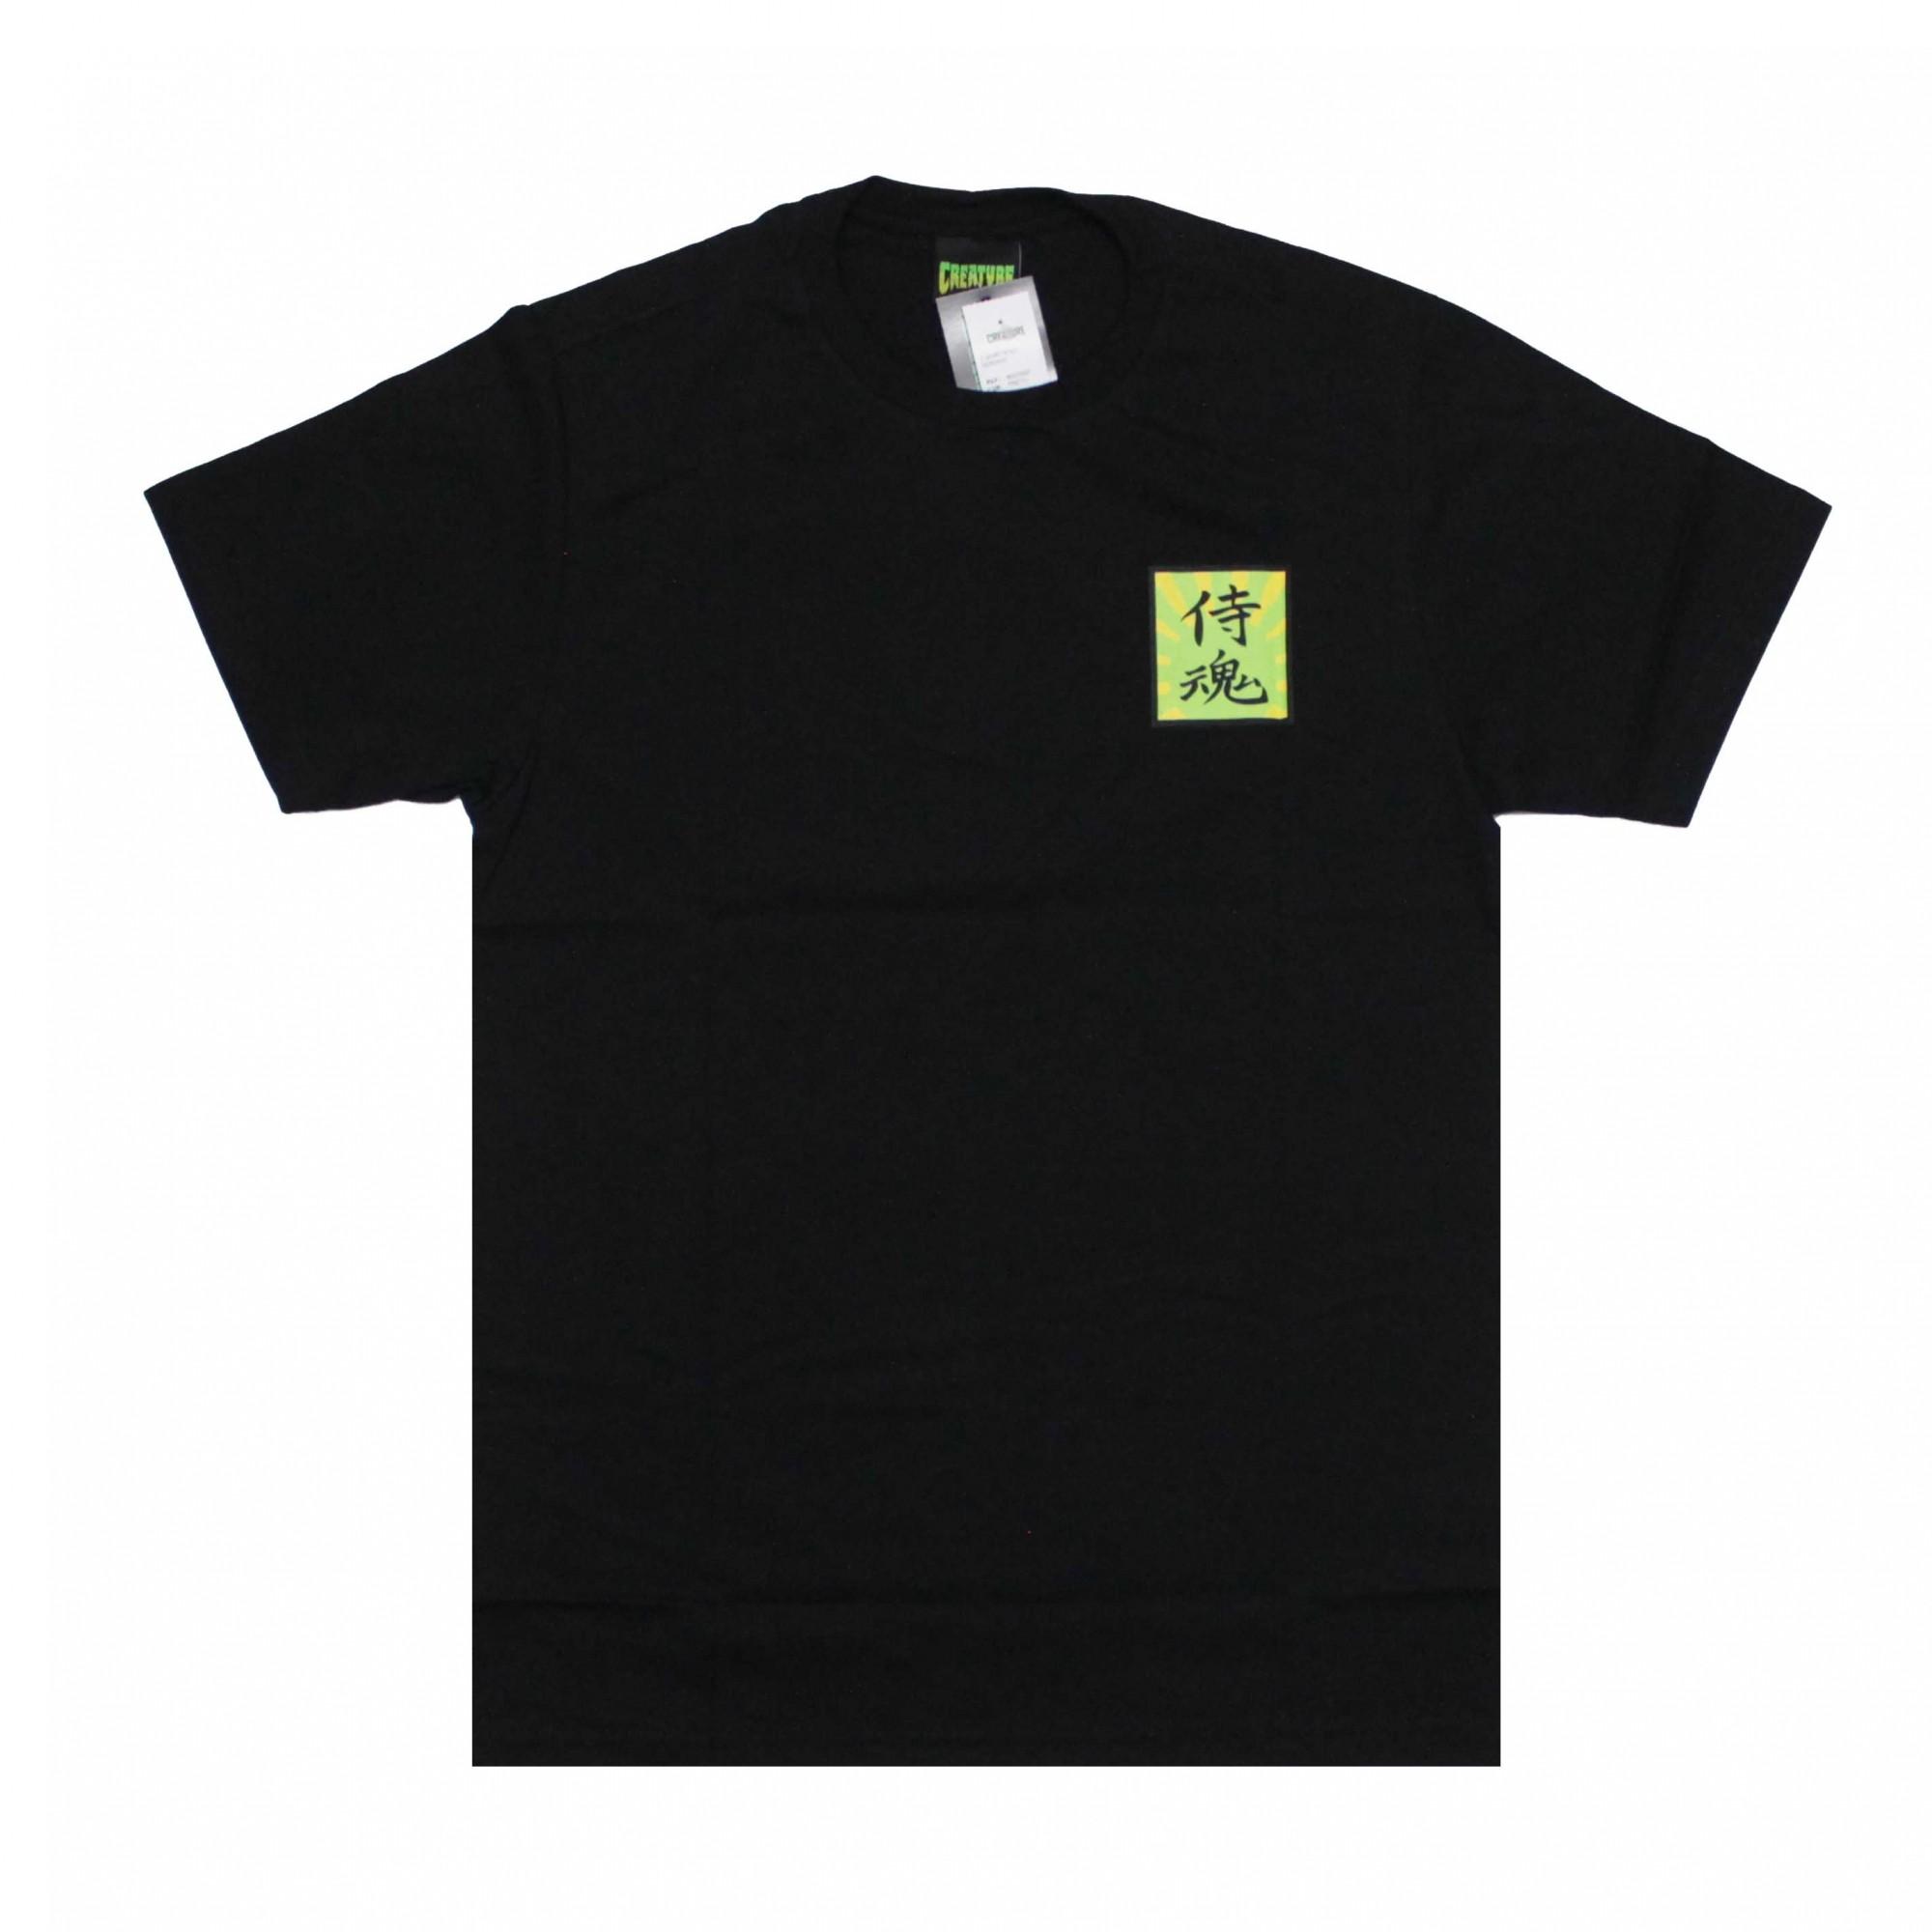 Camiseta Creature Soul Servant - Preto